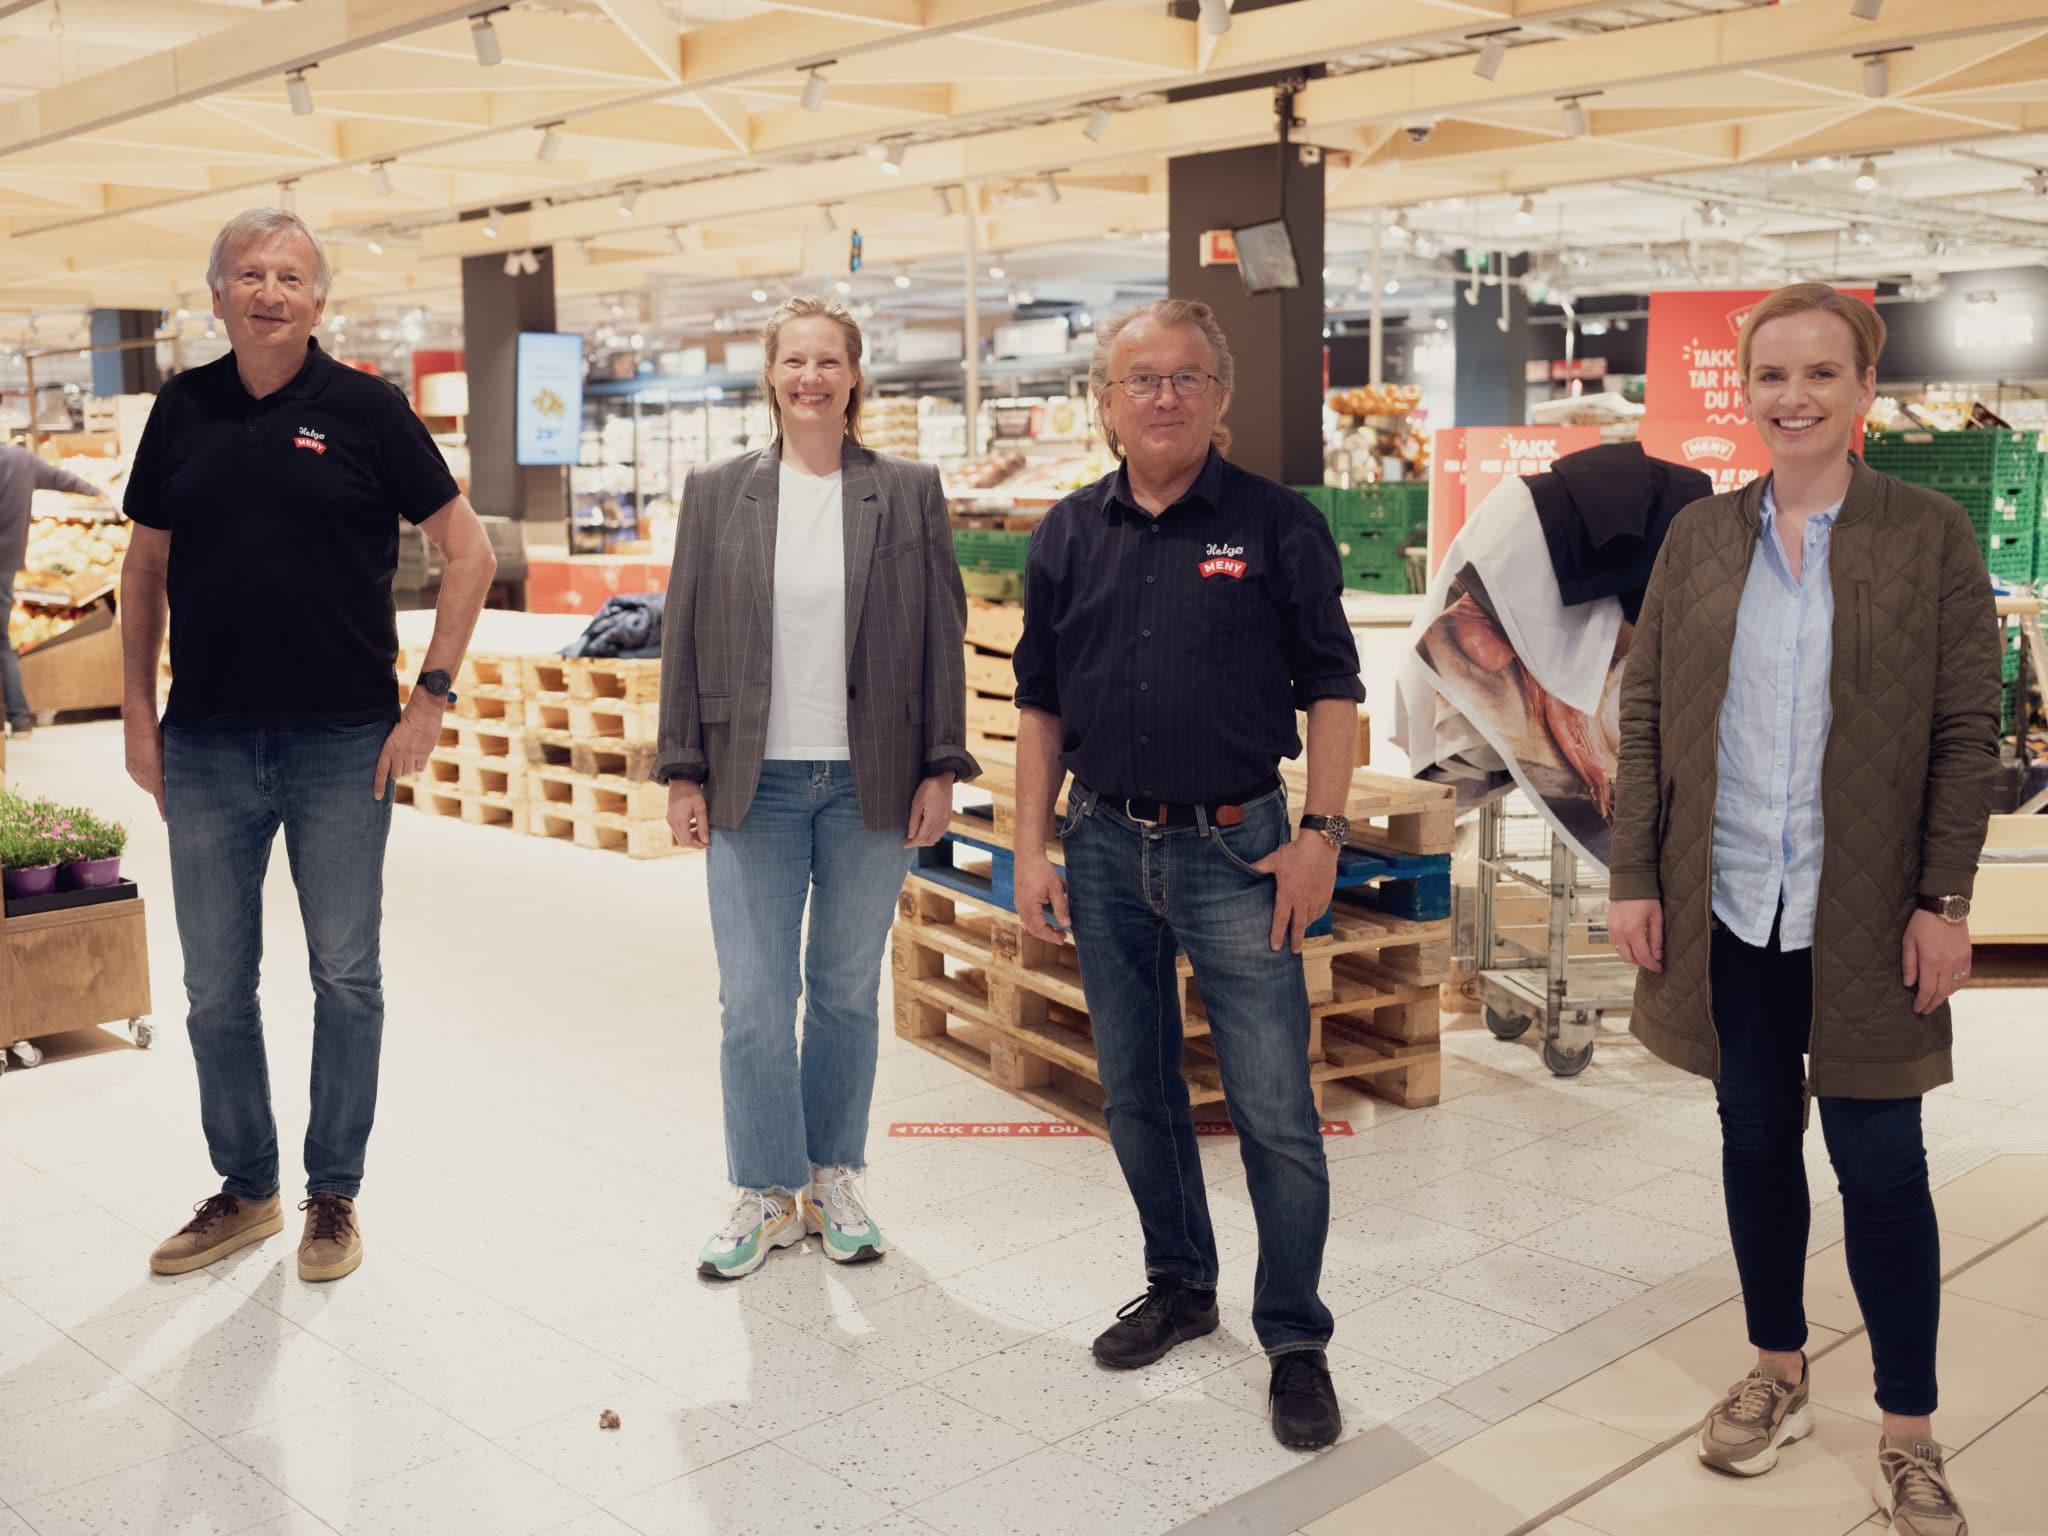 Representanter fra Gladmat, ASKE servering og Helgø Meny